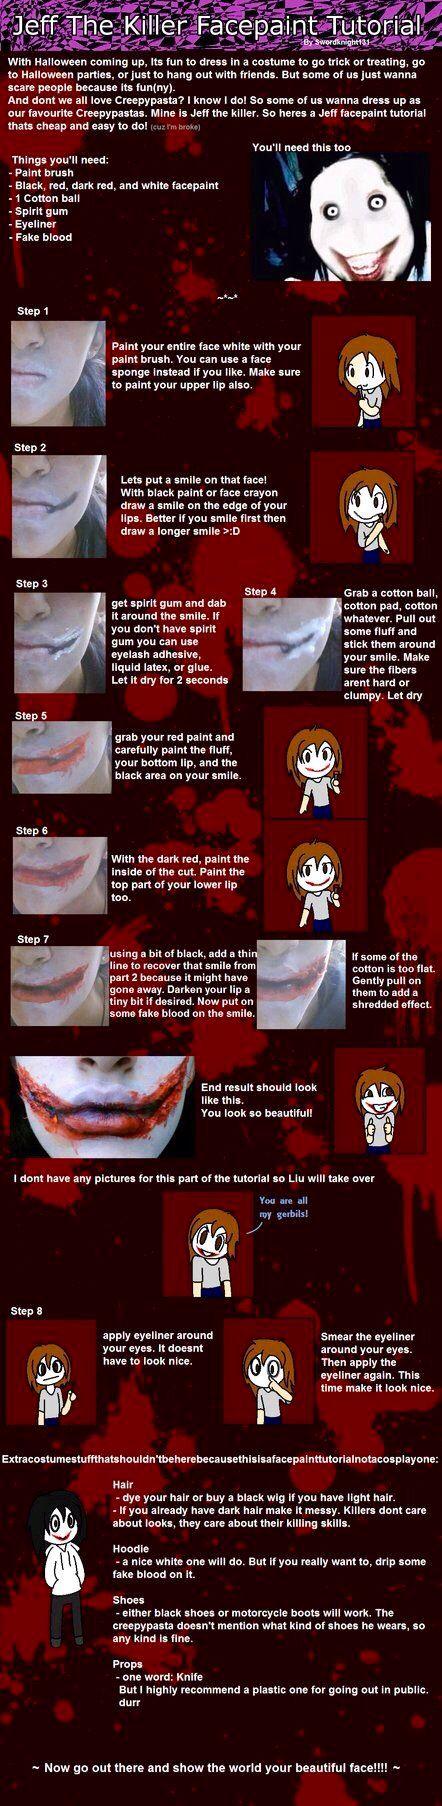 jeff the killer Halloween makeup tourial